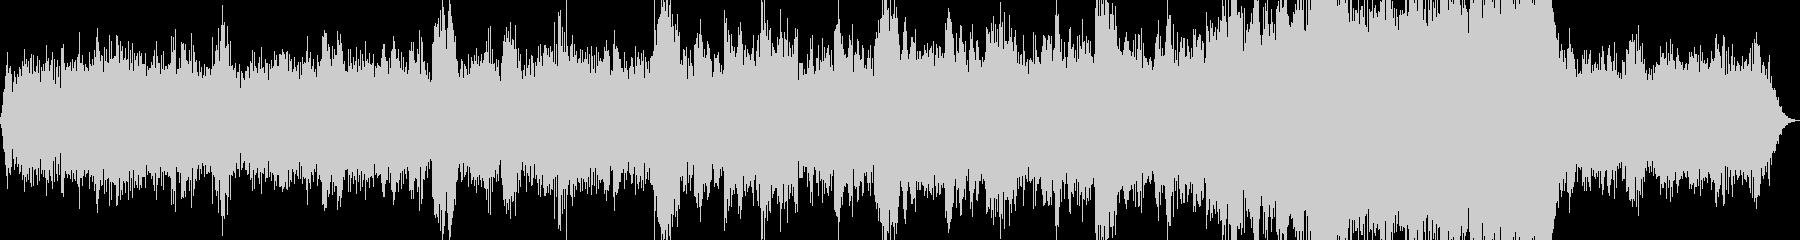 低音重視のとりあえず気味悪い曲の未再生の波形